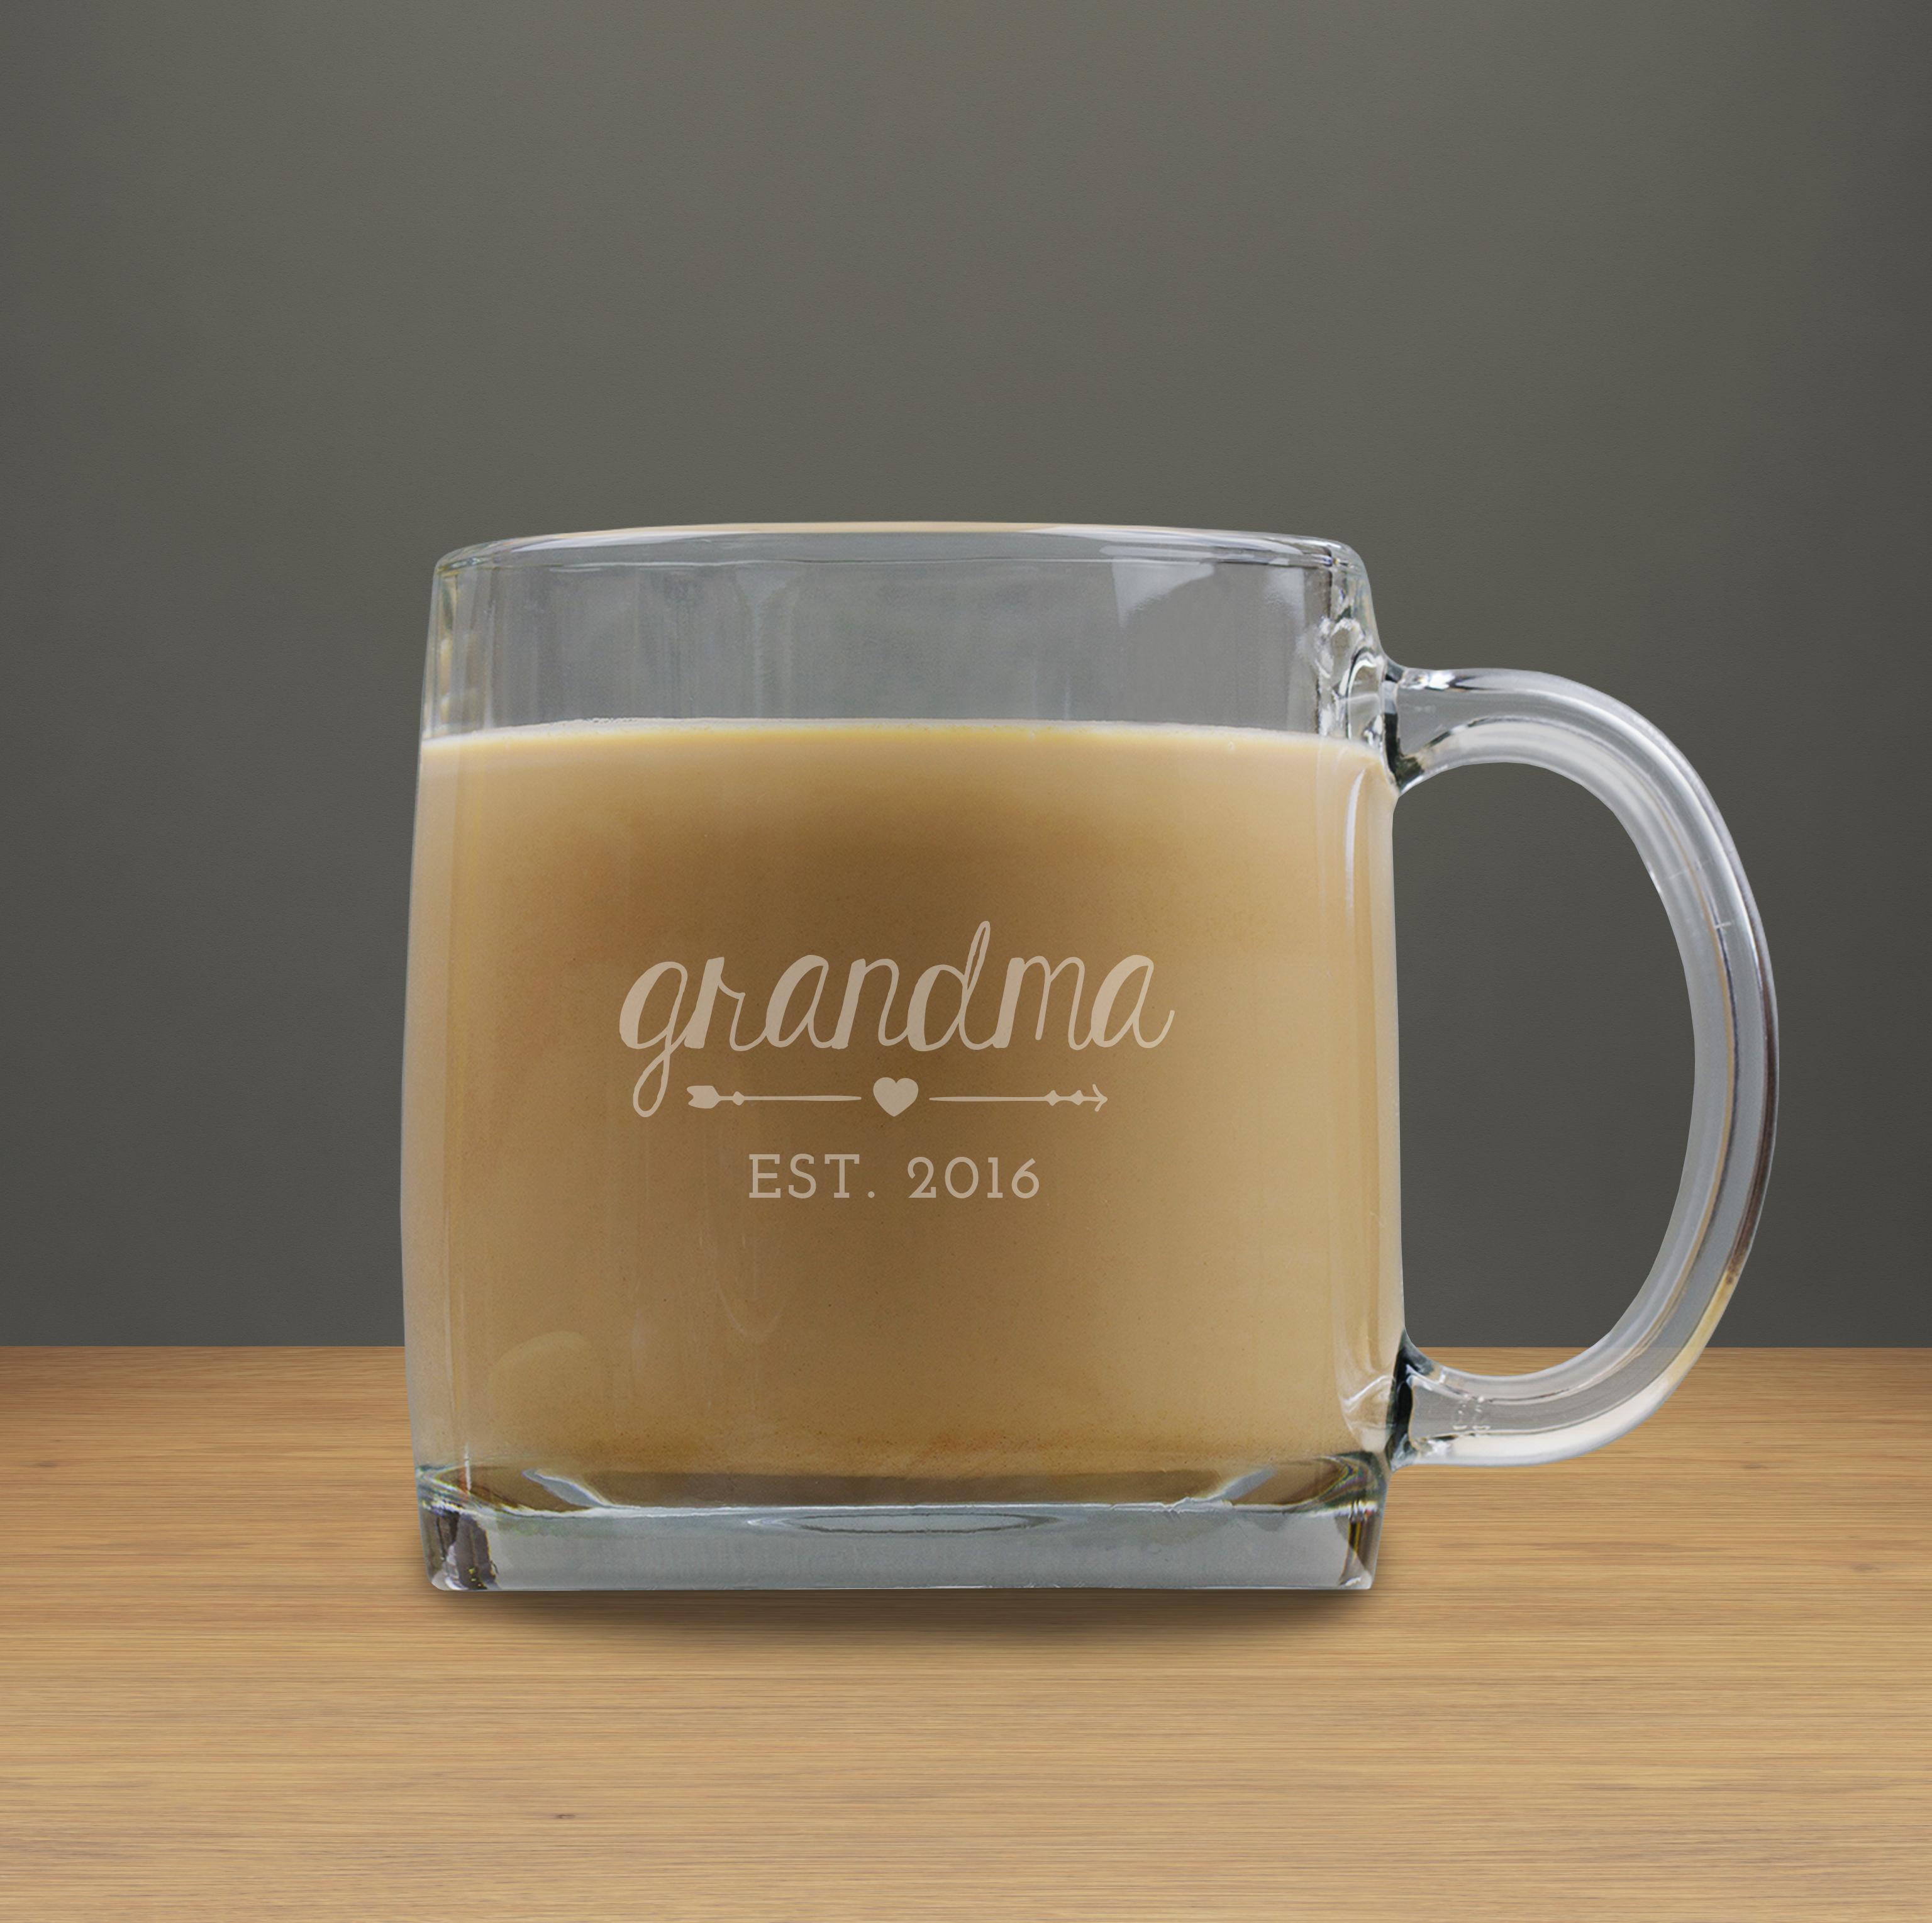 Grandma Engraved Coffee Mug